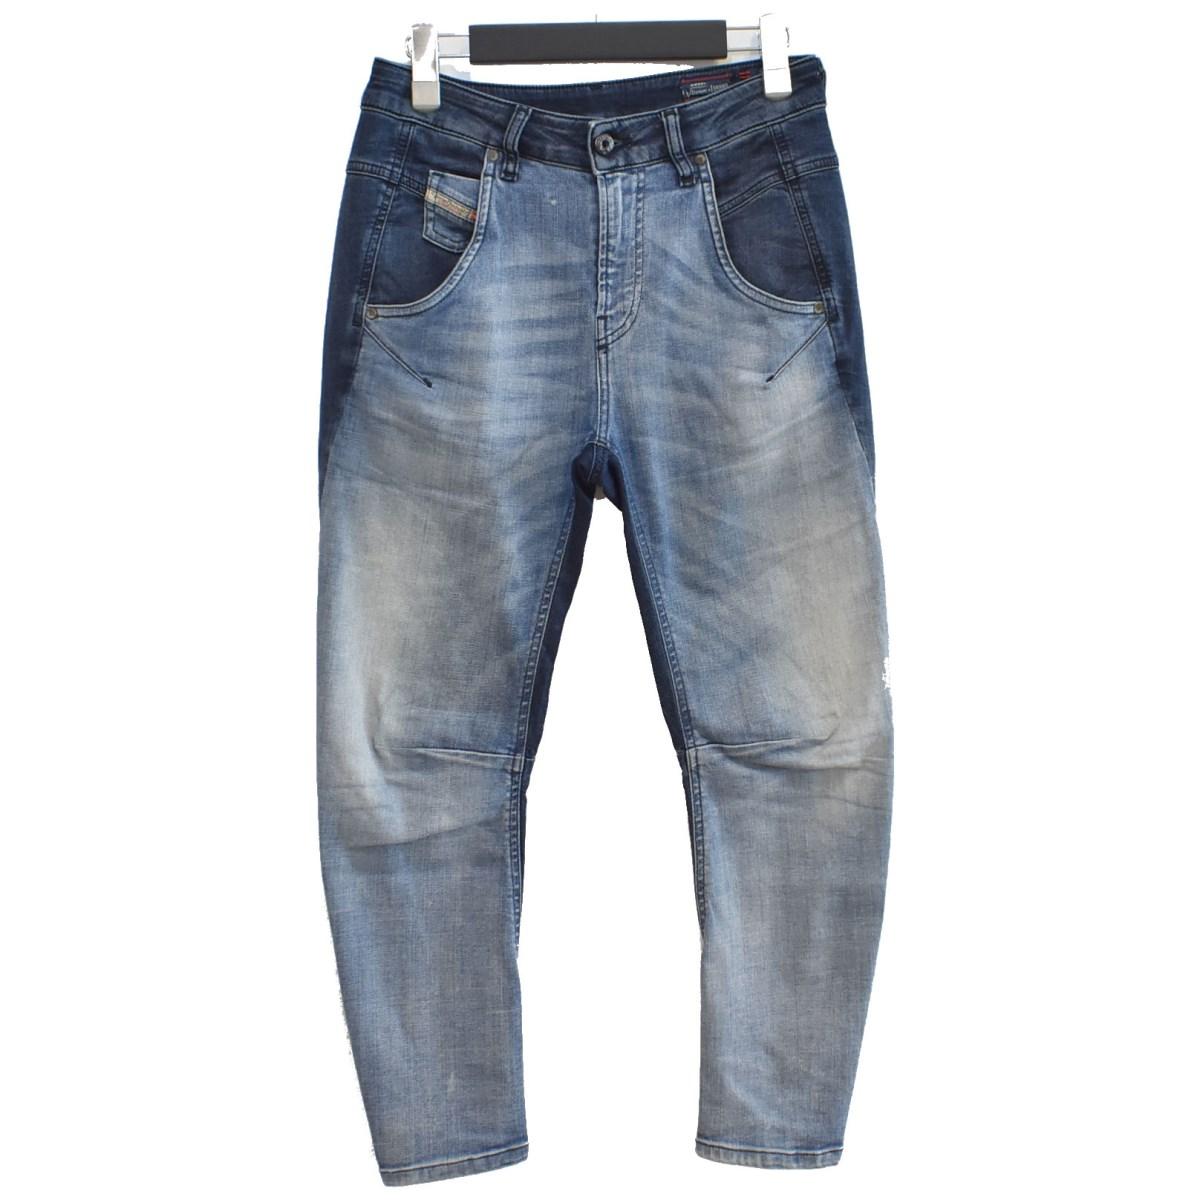 【中古】DIESEL Fayza Jogg Jeans ジョグデニム インディゴ サイズ:23 【180920】(ディーゼル)